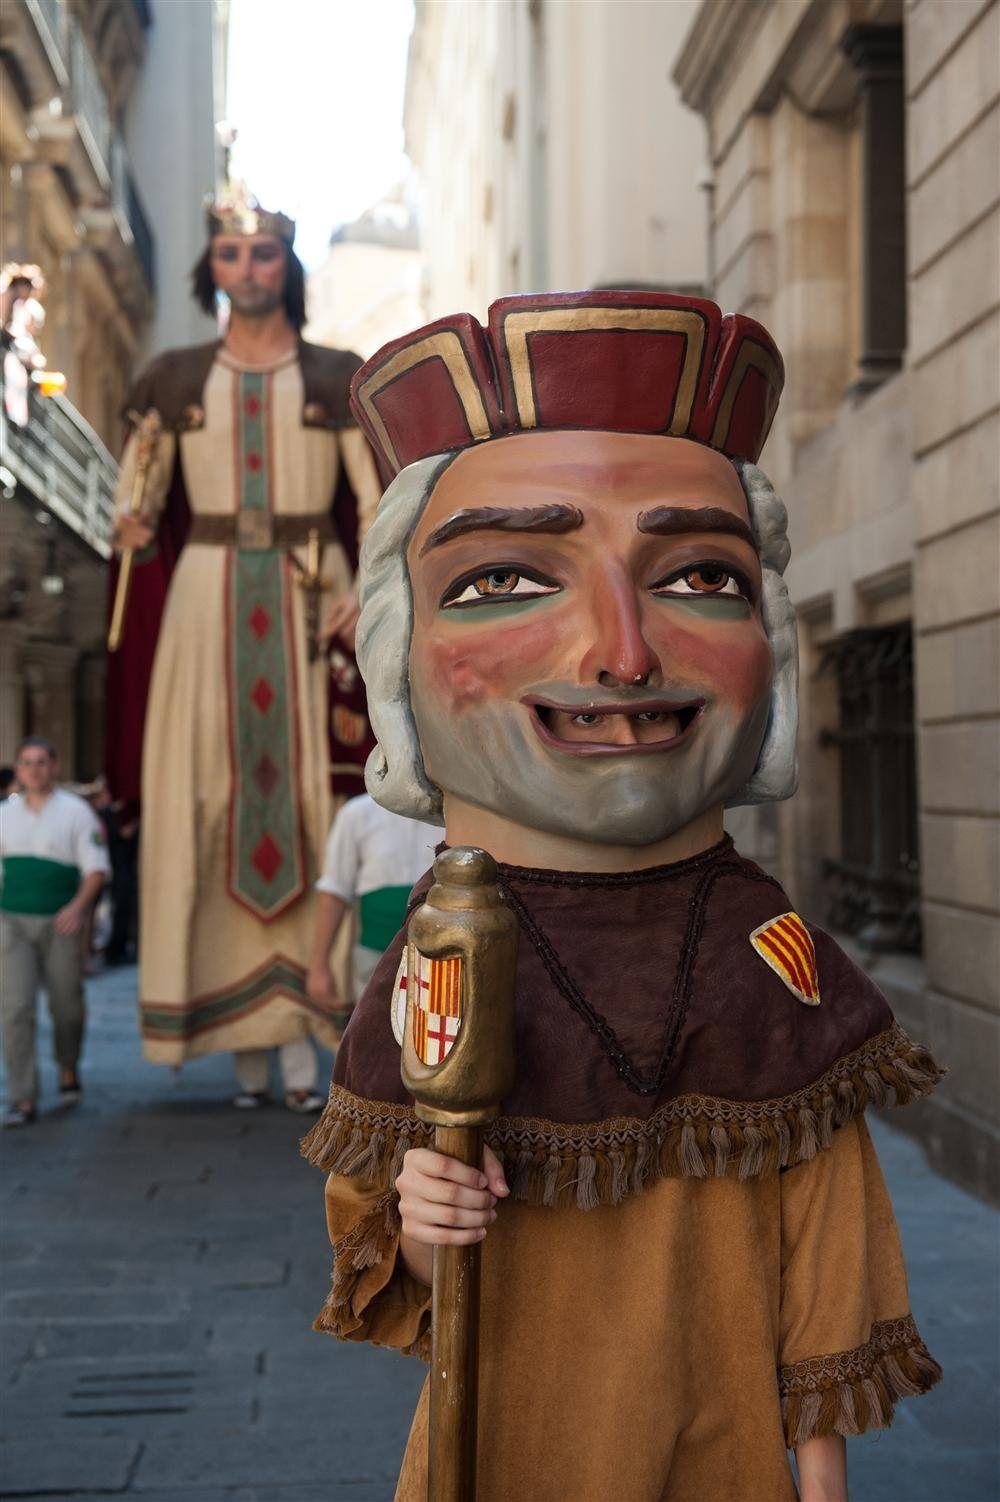 Gigantes Y Cabezudos Gegants I Capgrossos En Barcelona Durante Las Fiestas De La Merçè Alrededor Del 24 Gigantes Y Cabezudos Fotos De Barcelona Cabezudos